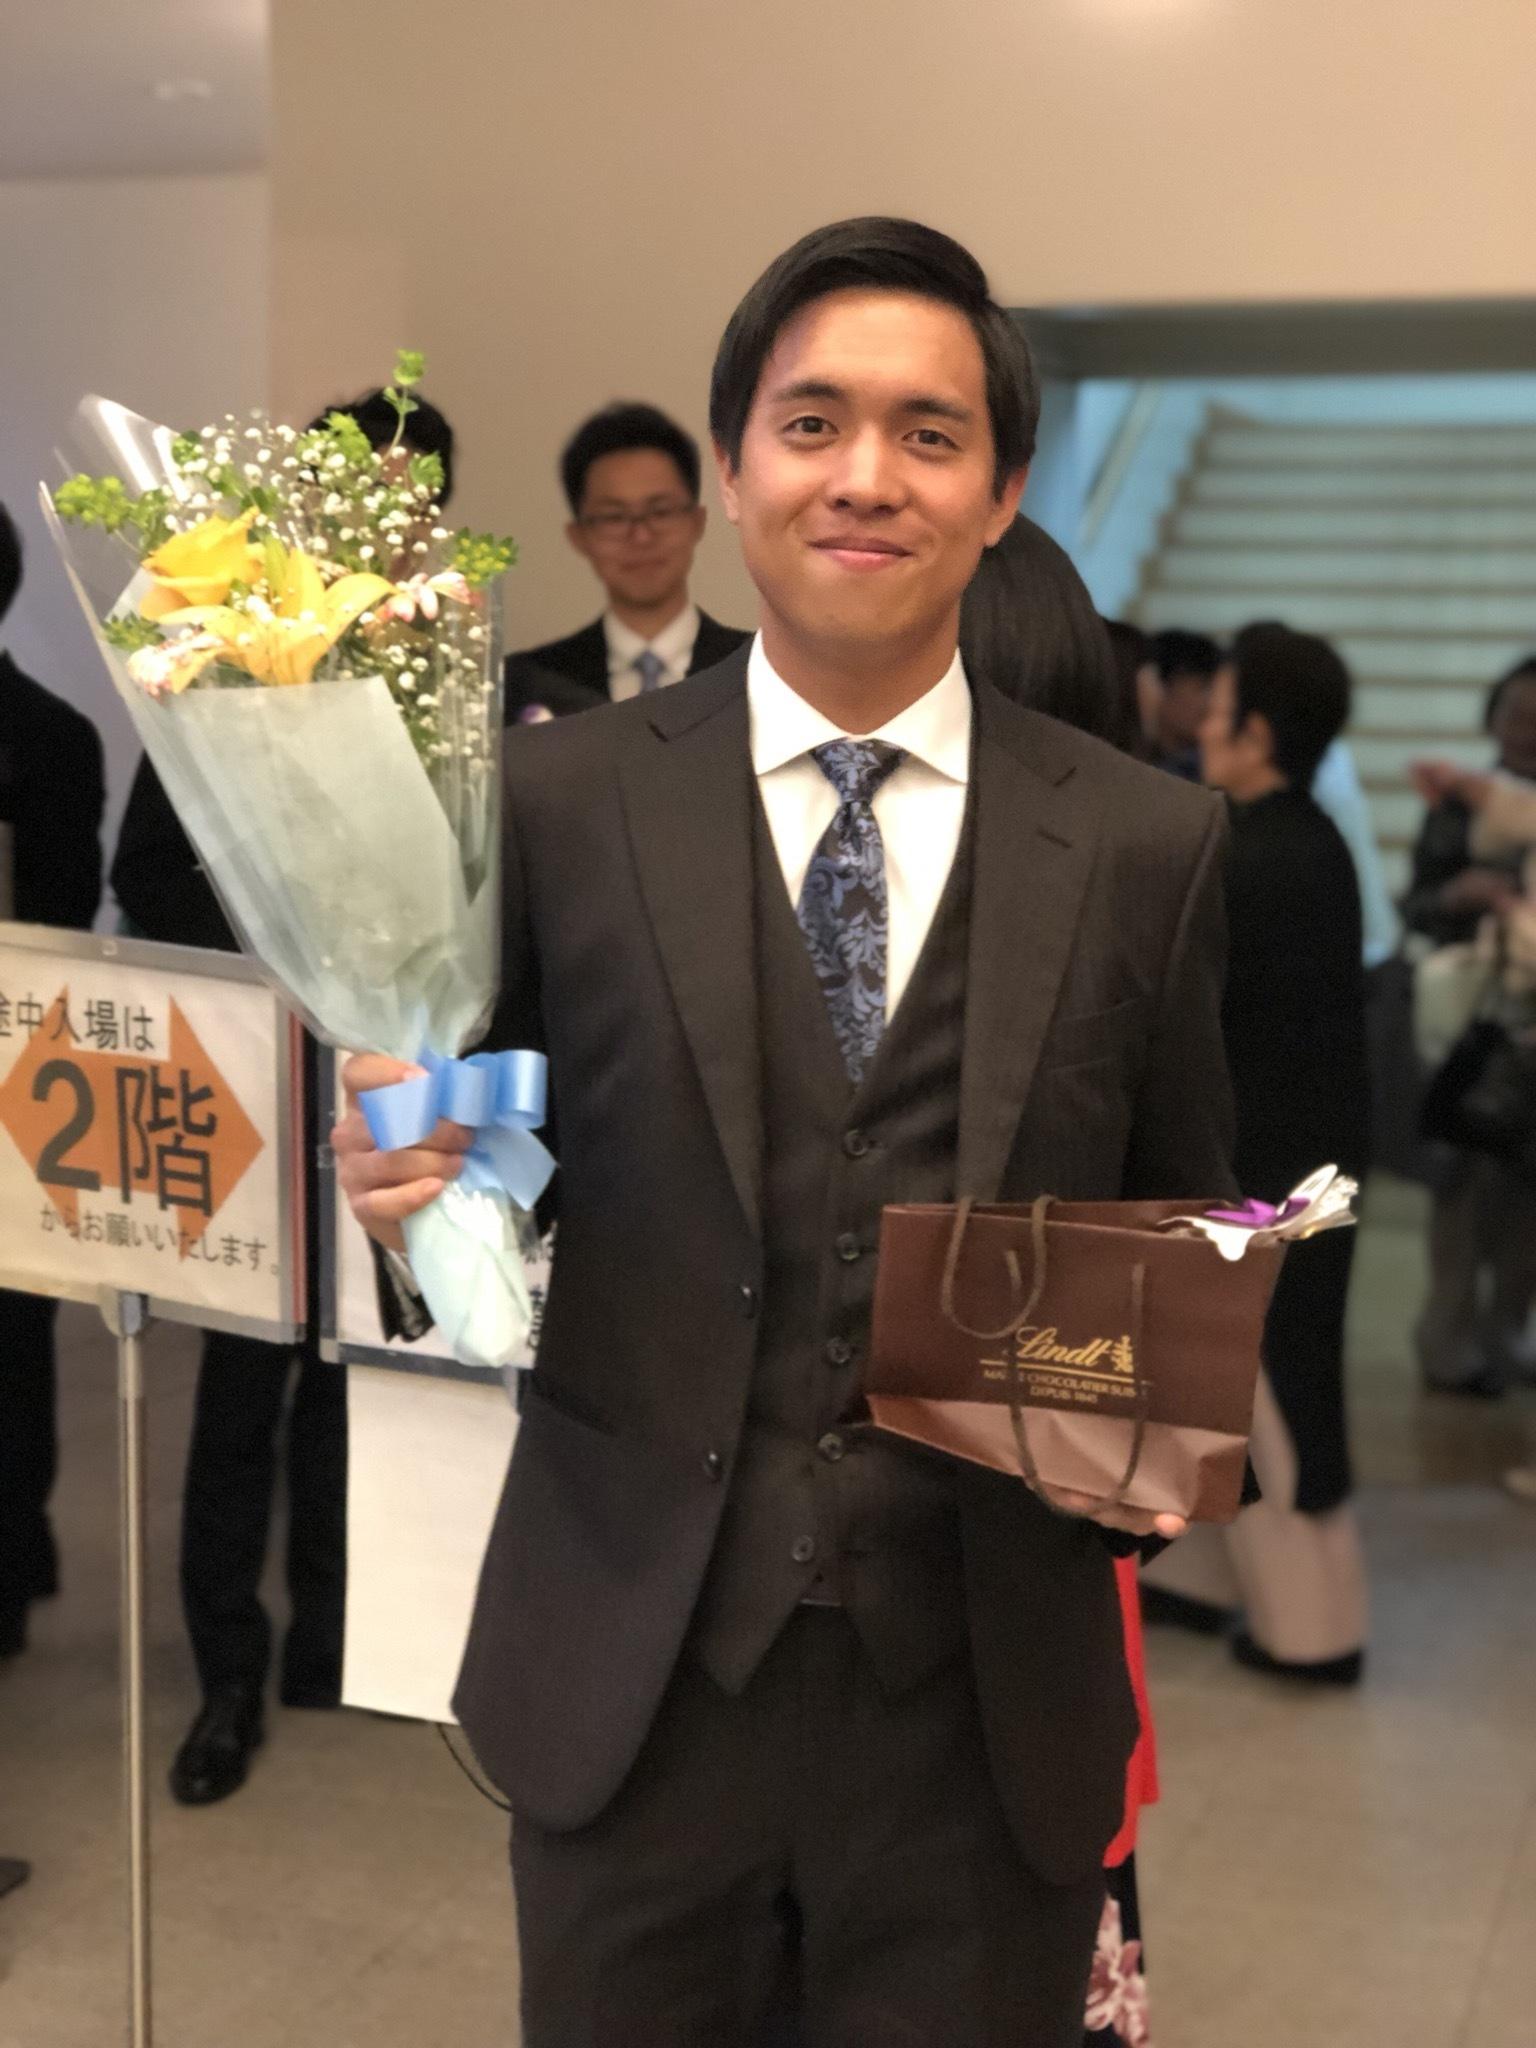 声楽科4年生による学内演奏会へ行ってきました(10月17日)@東京芸術大学奏楽堂10/15〜18_a0157409_08482730.jpeg